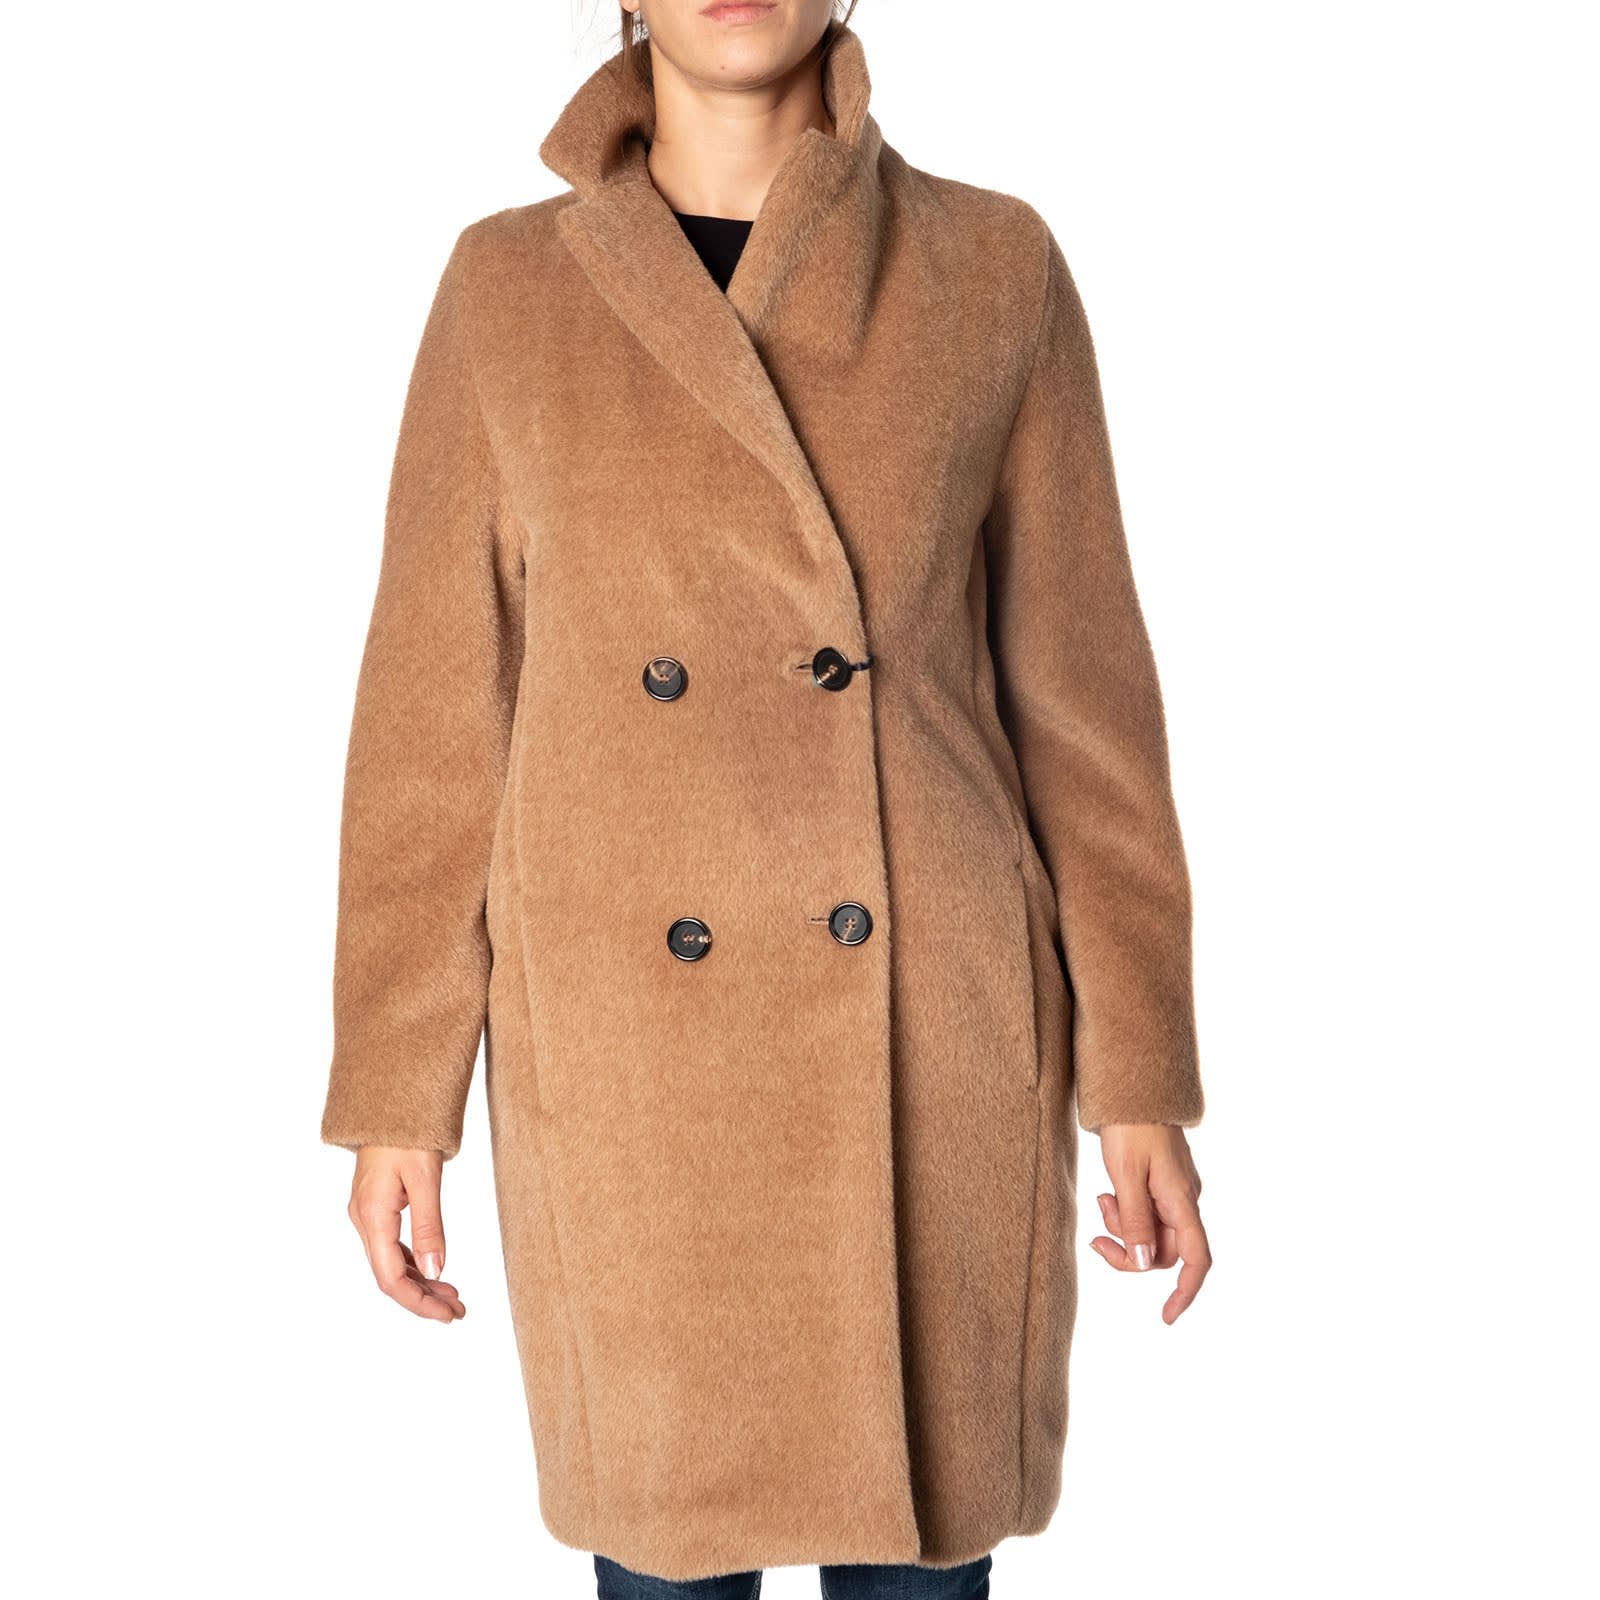 S Max Mara Rose Coat